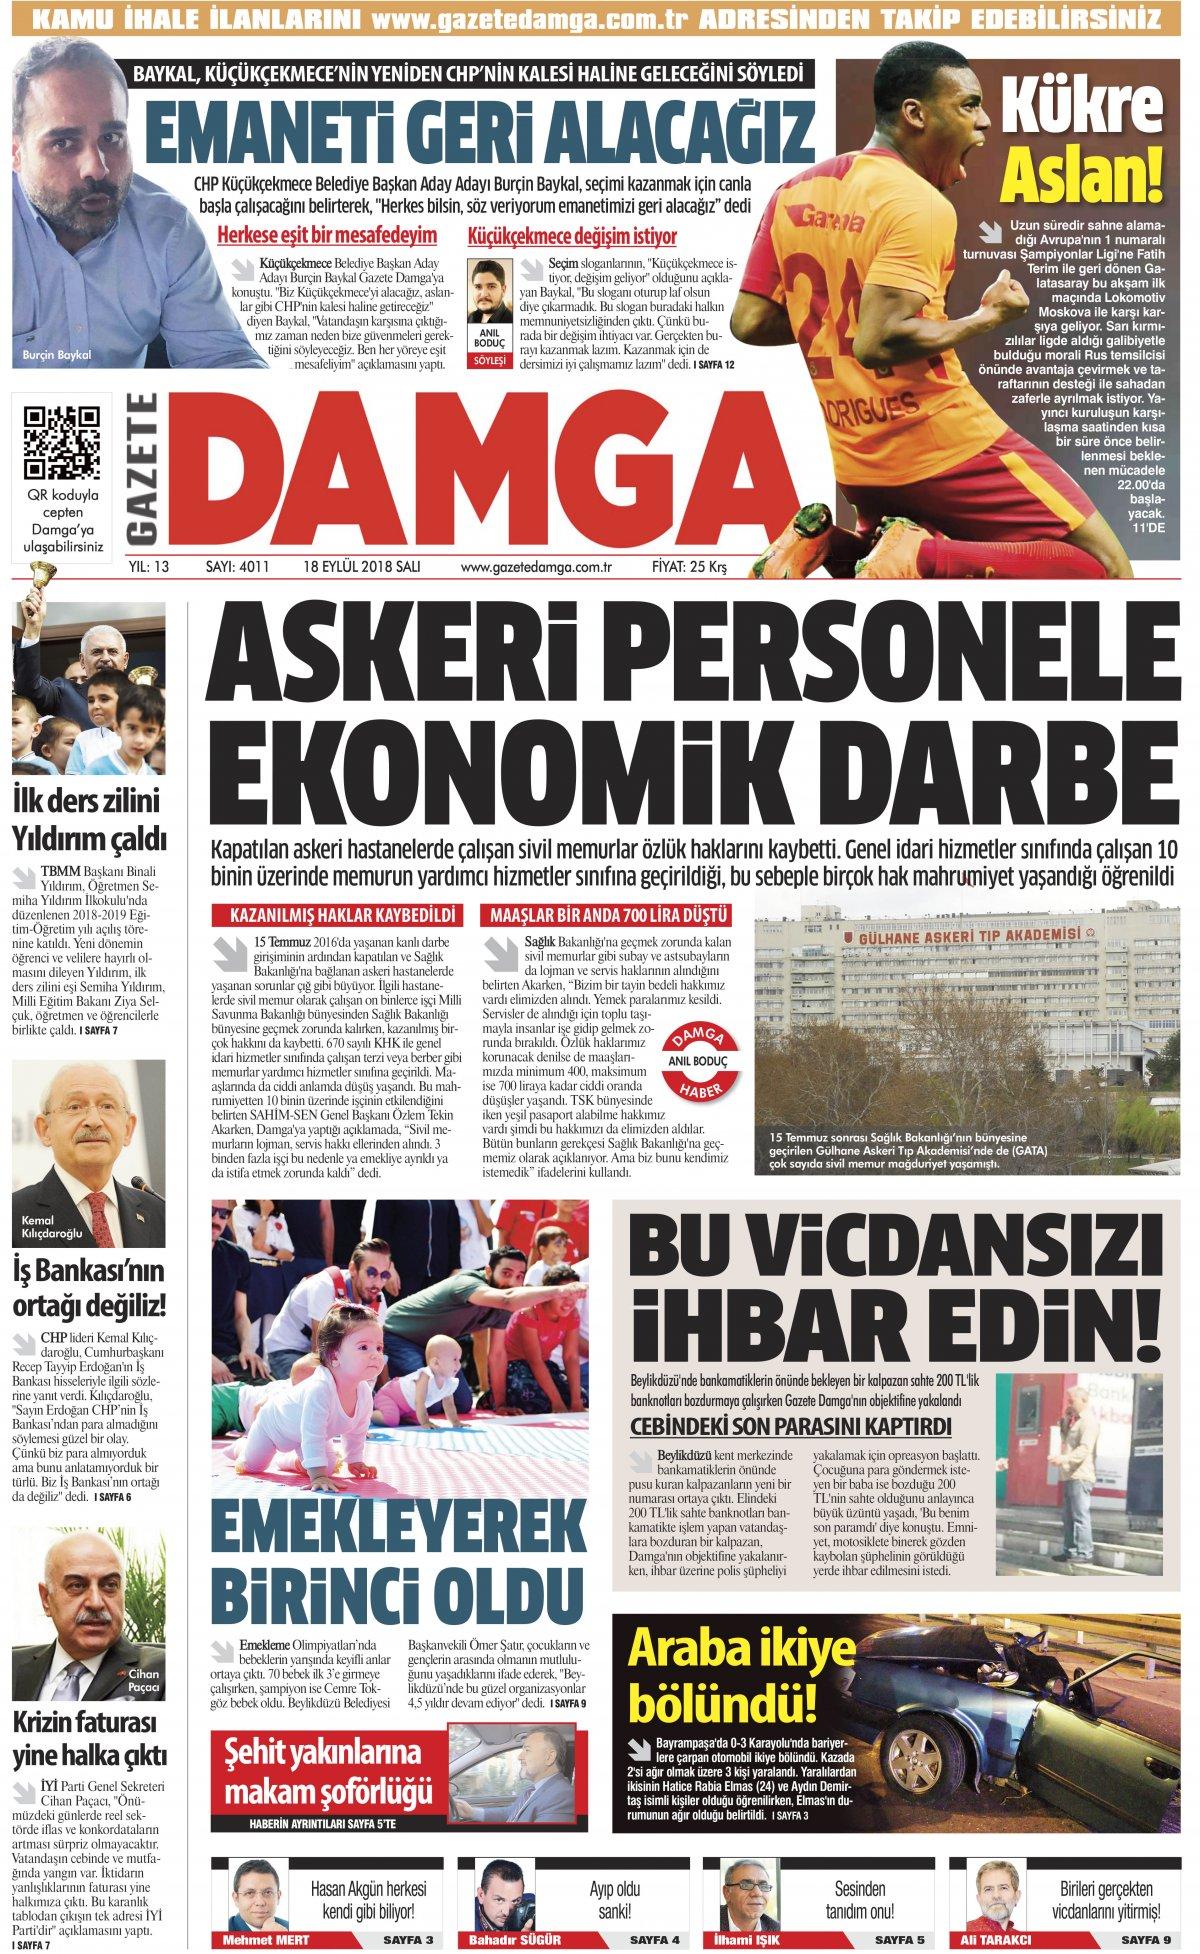 Gazete Damga - 18.09.2018 Manşeti